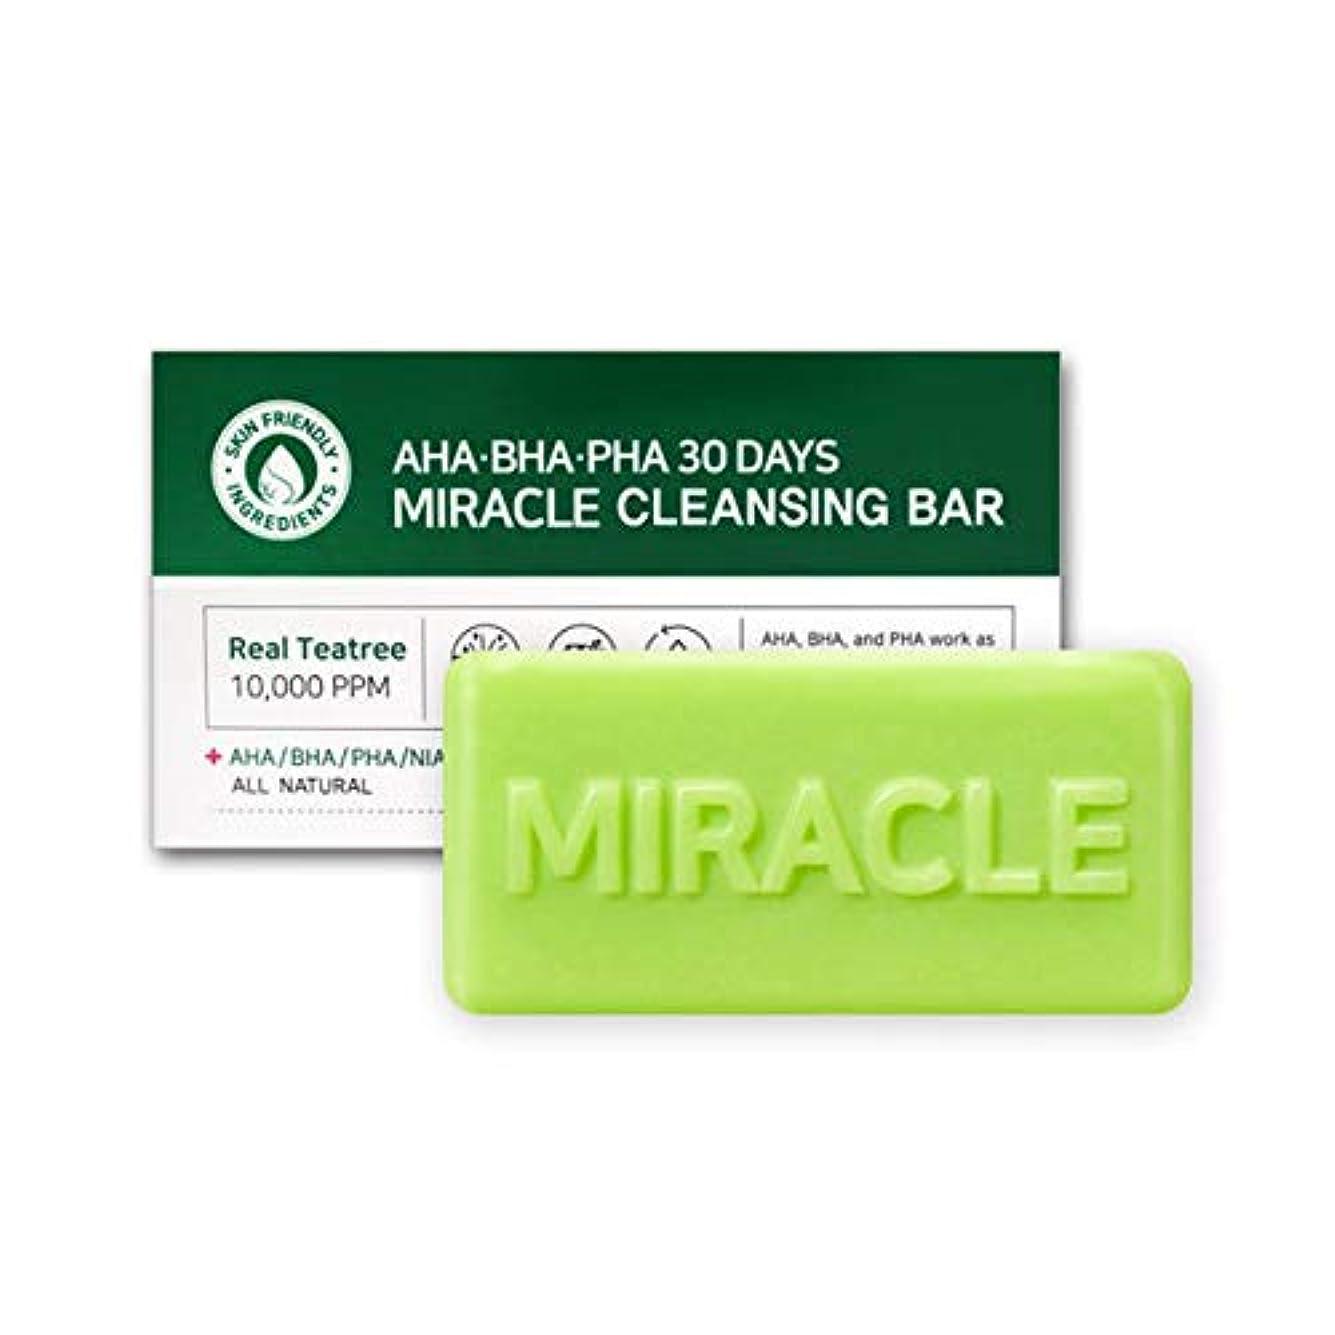 傾く羊解く[SOME BY MI/サムバイミー] AHA BHA PHA 30Days Miracle Cleansing Bar 95g/AHA BHA PHA 30デイズ ミラクル 洗顔 石けん 95g [並行輸入品]